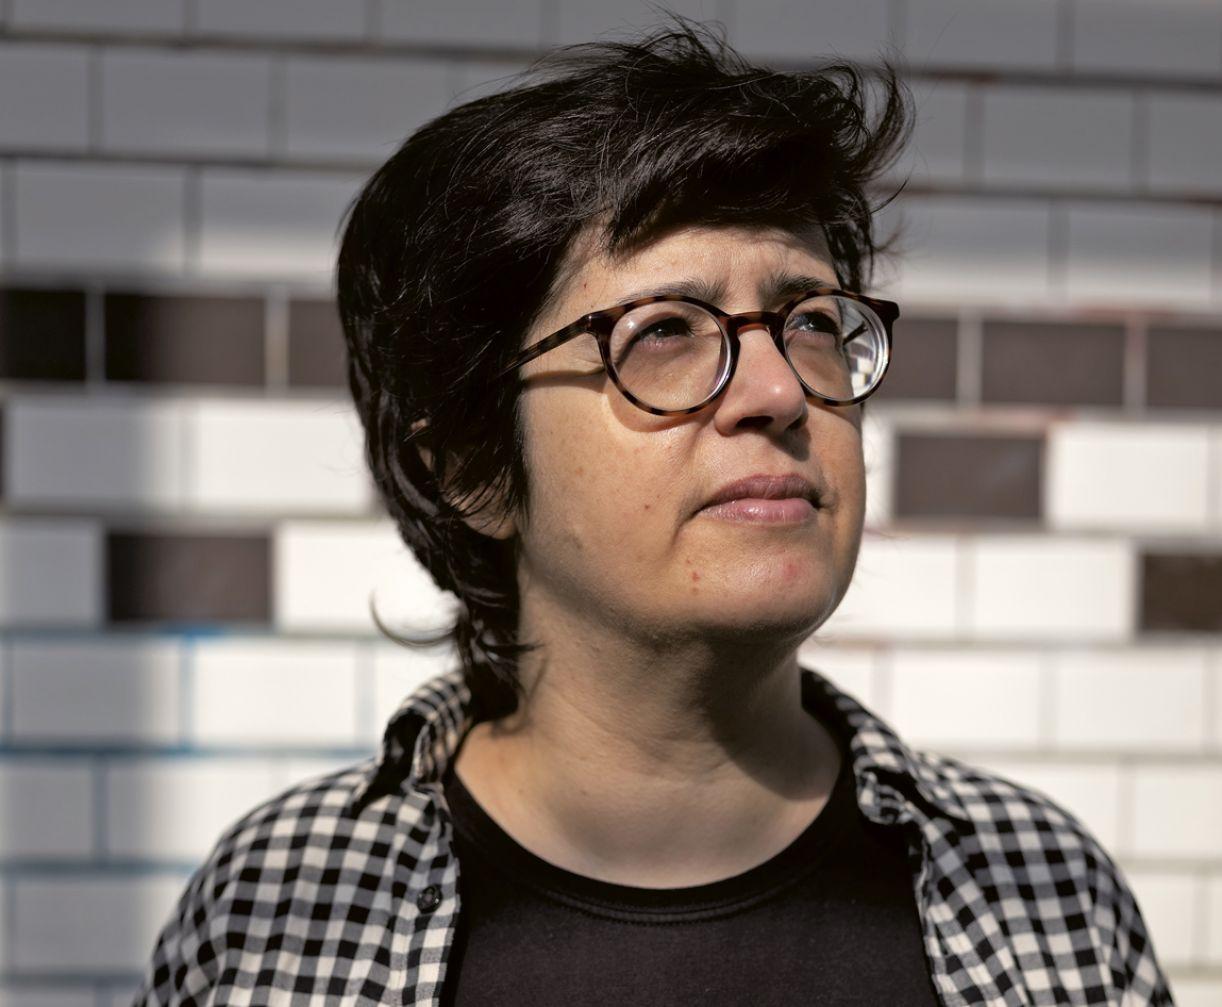 Angélica Freitas é uma das poetas brasileiras mais importantes da atualidade